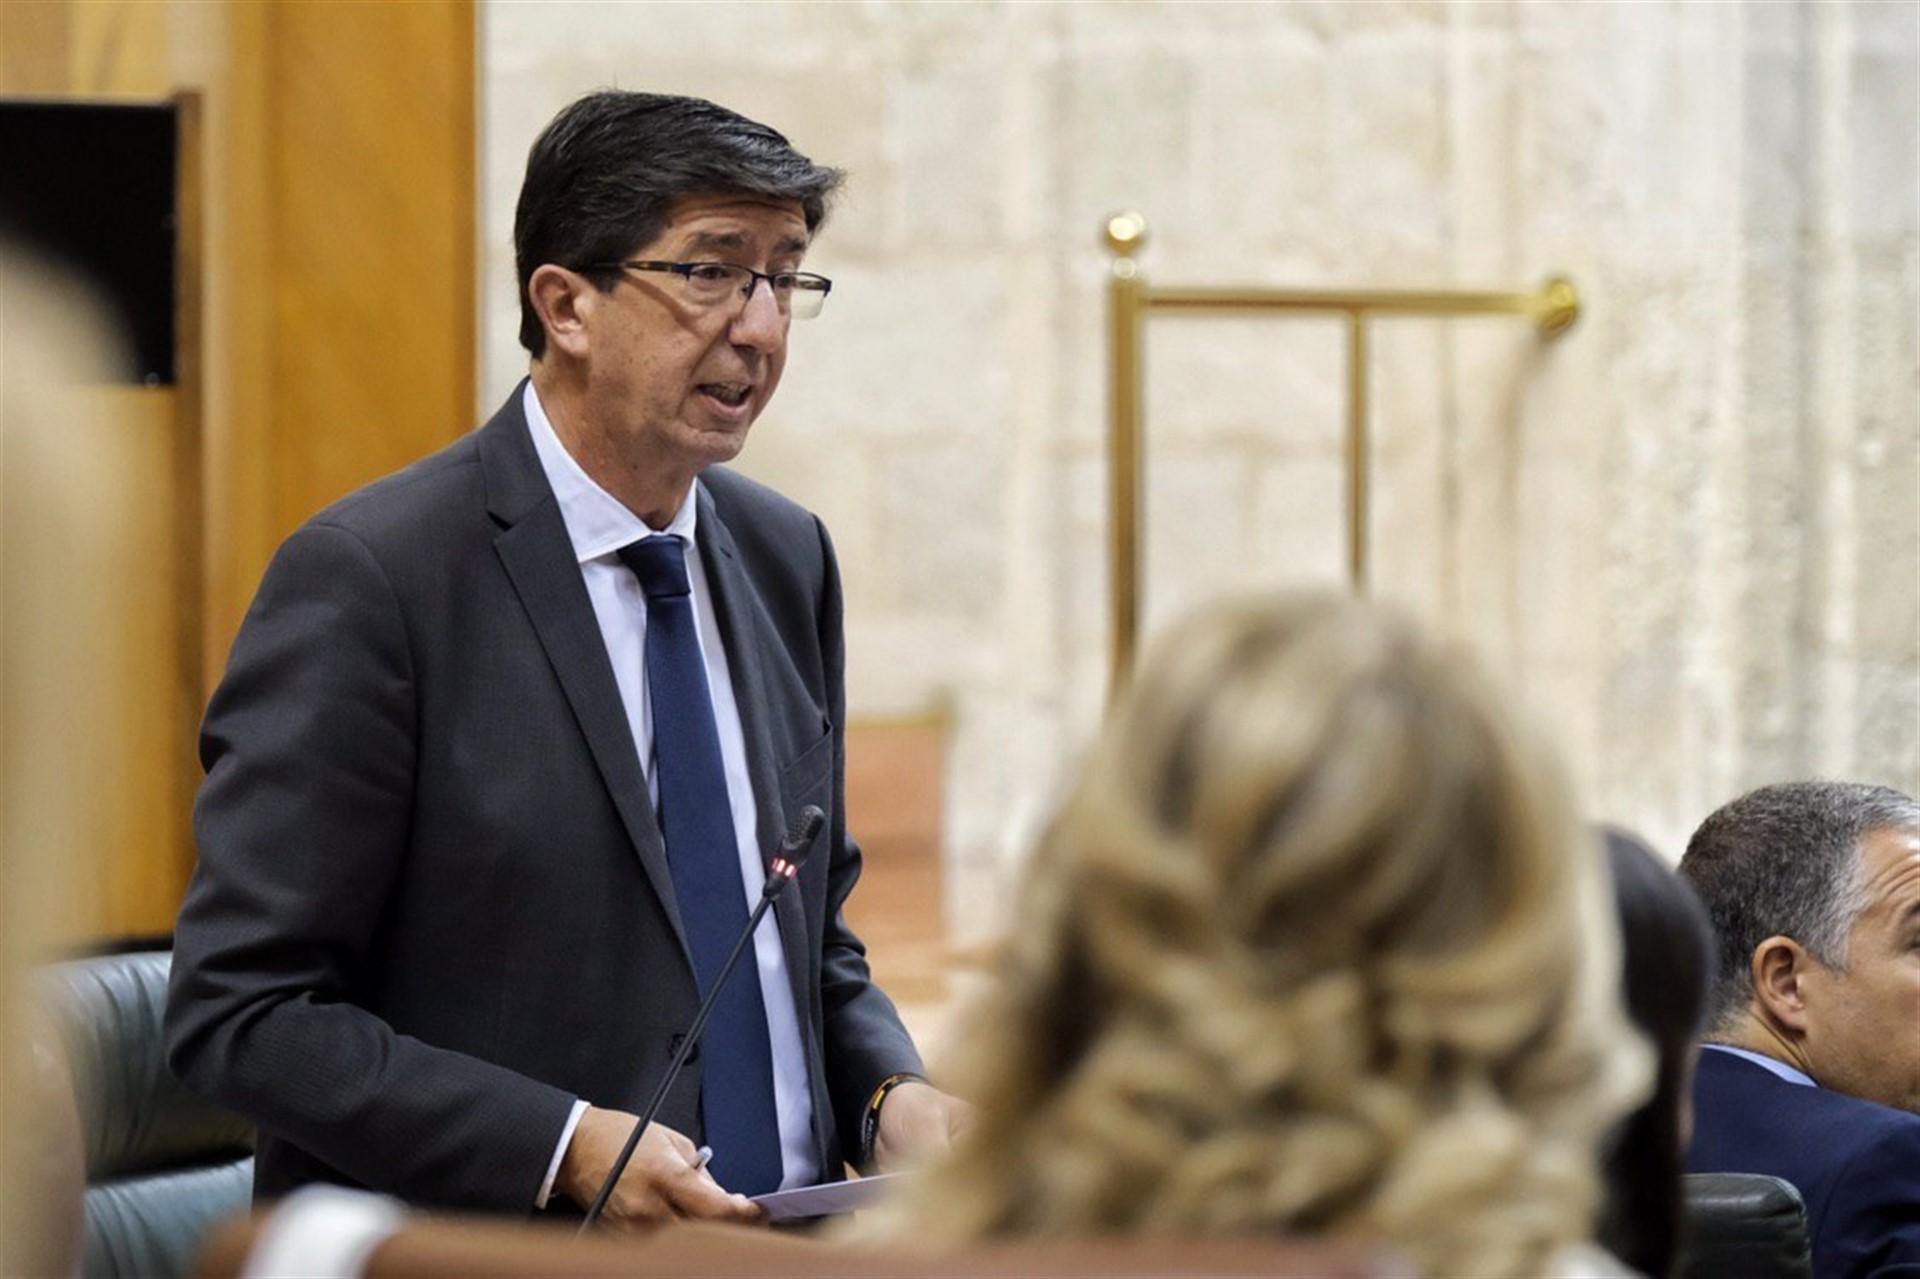 Carta de un docente al Vicepresidente de la Junta, Juan Marín, por su intención de alargar las clases hasta julio